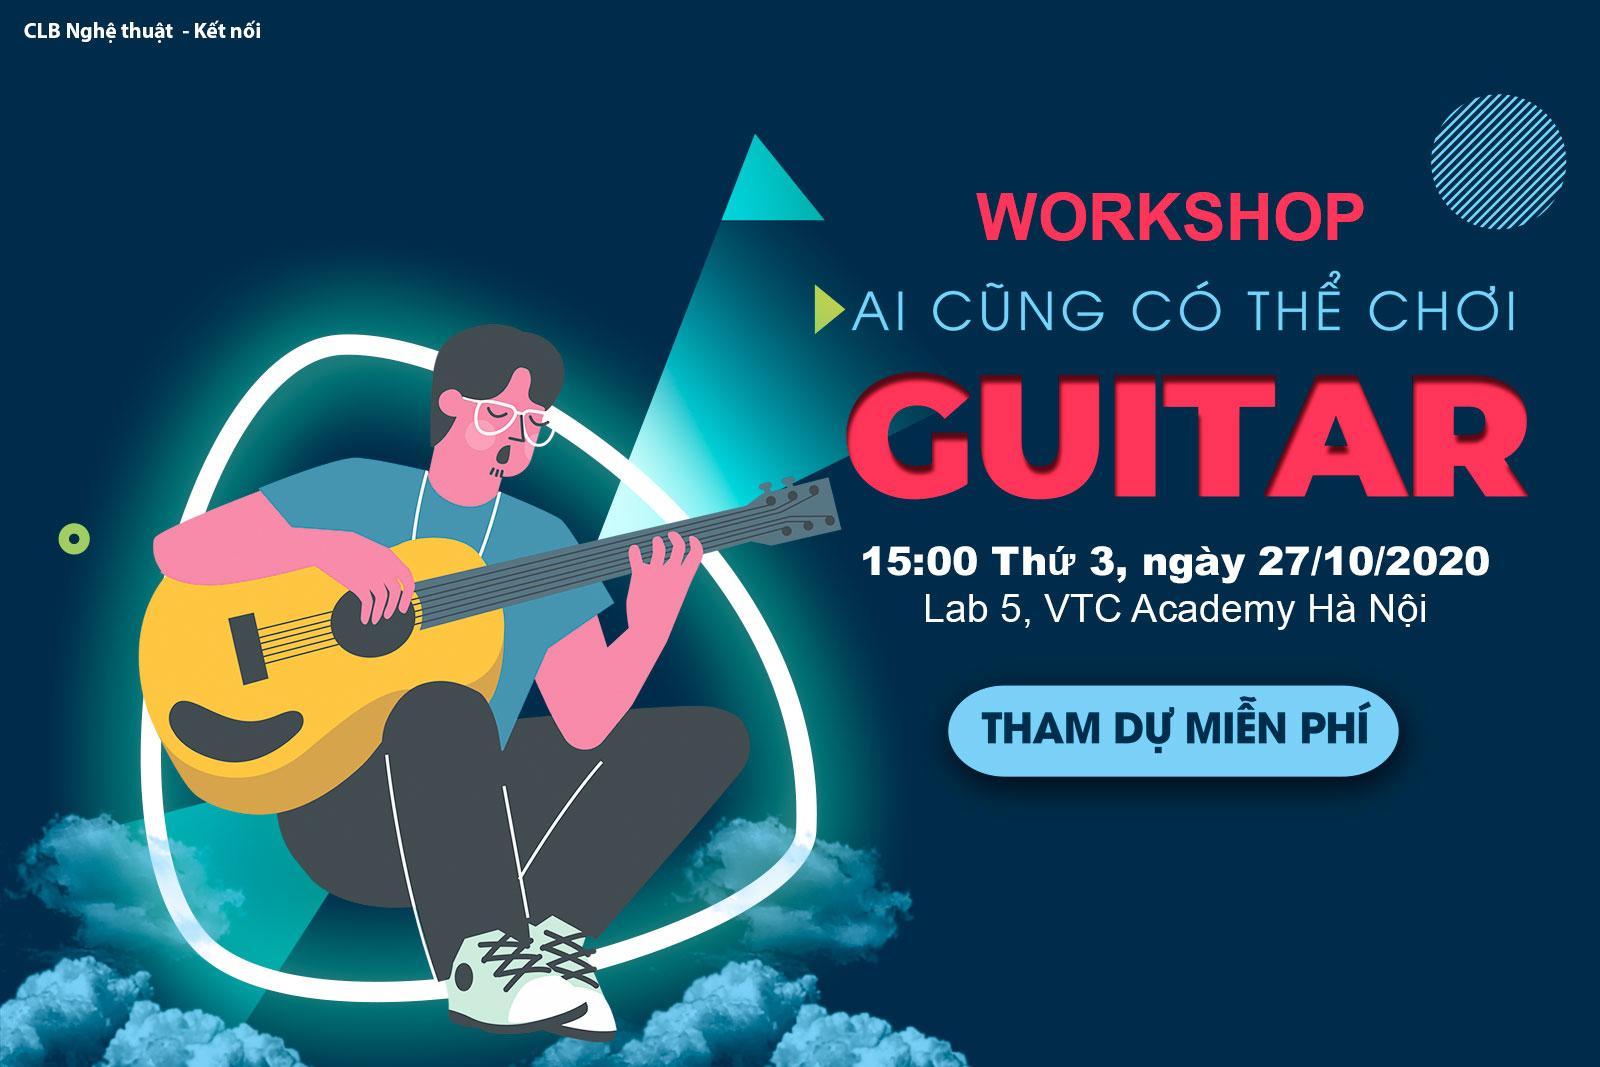 """Workshop """"Ai cũng có thể chơi guitar"""" tại VTC Academy Hà Nội"""